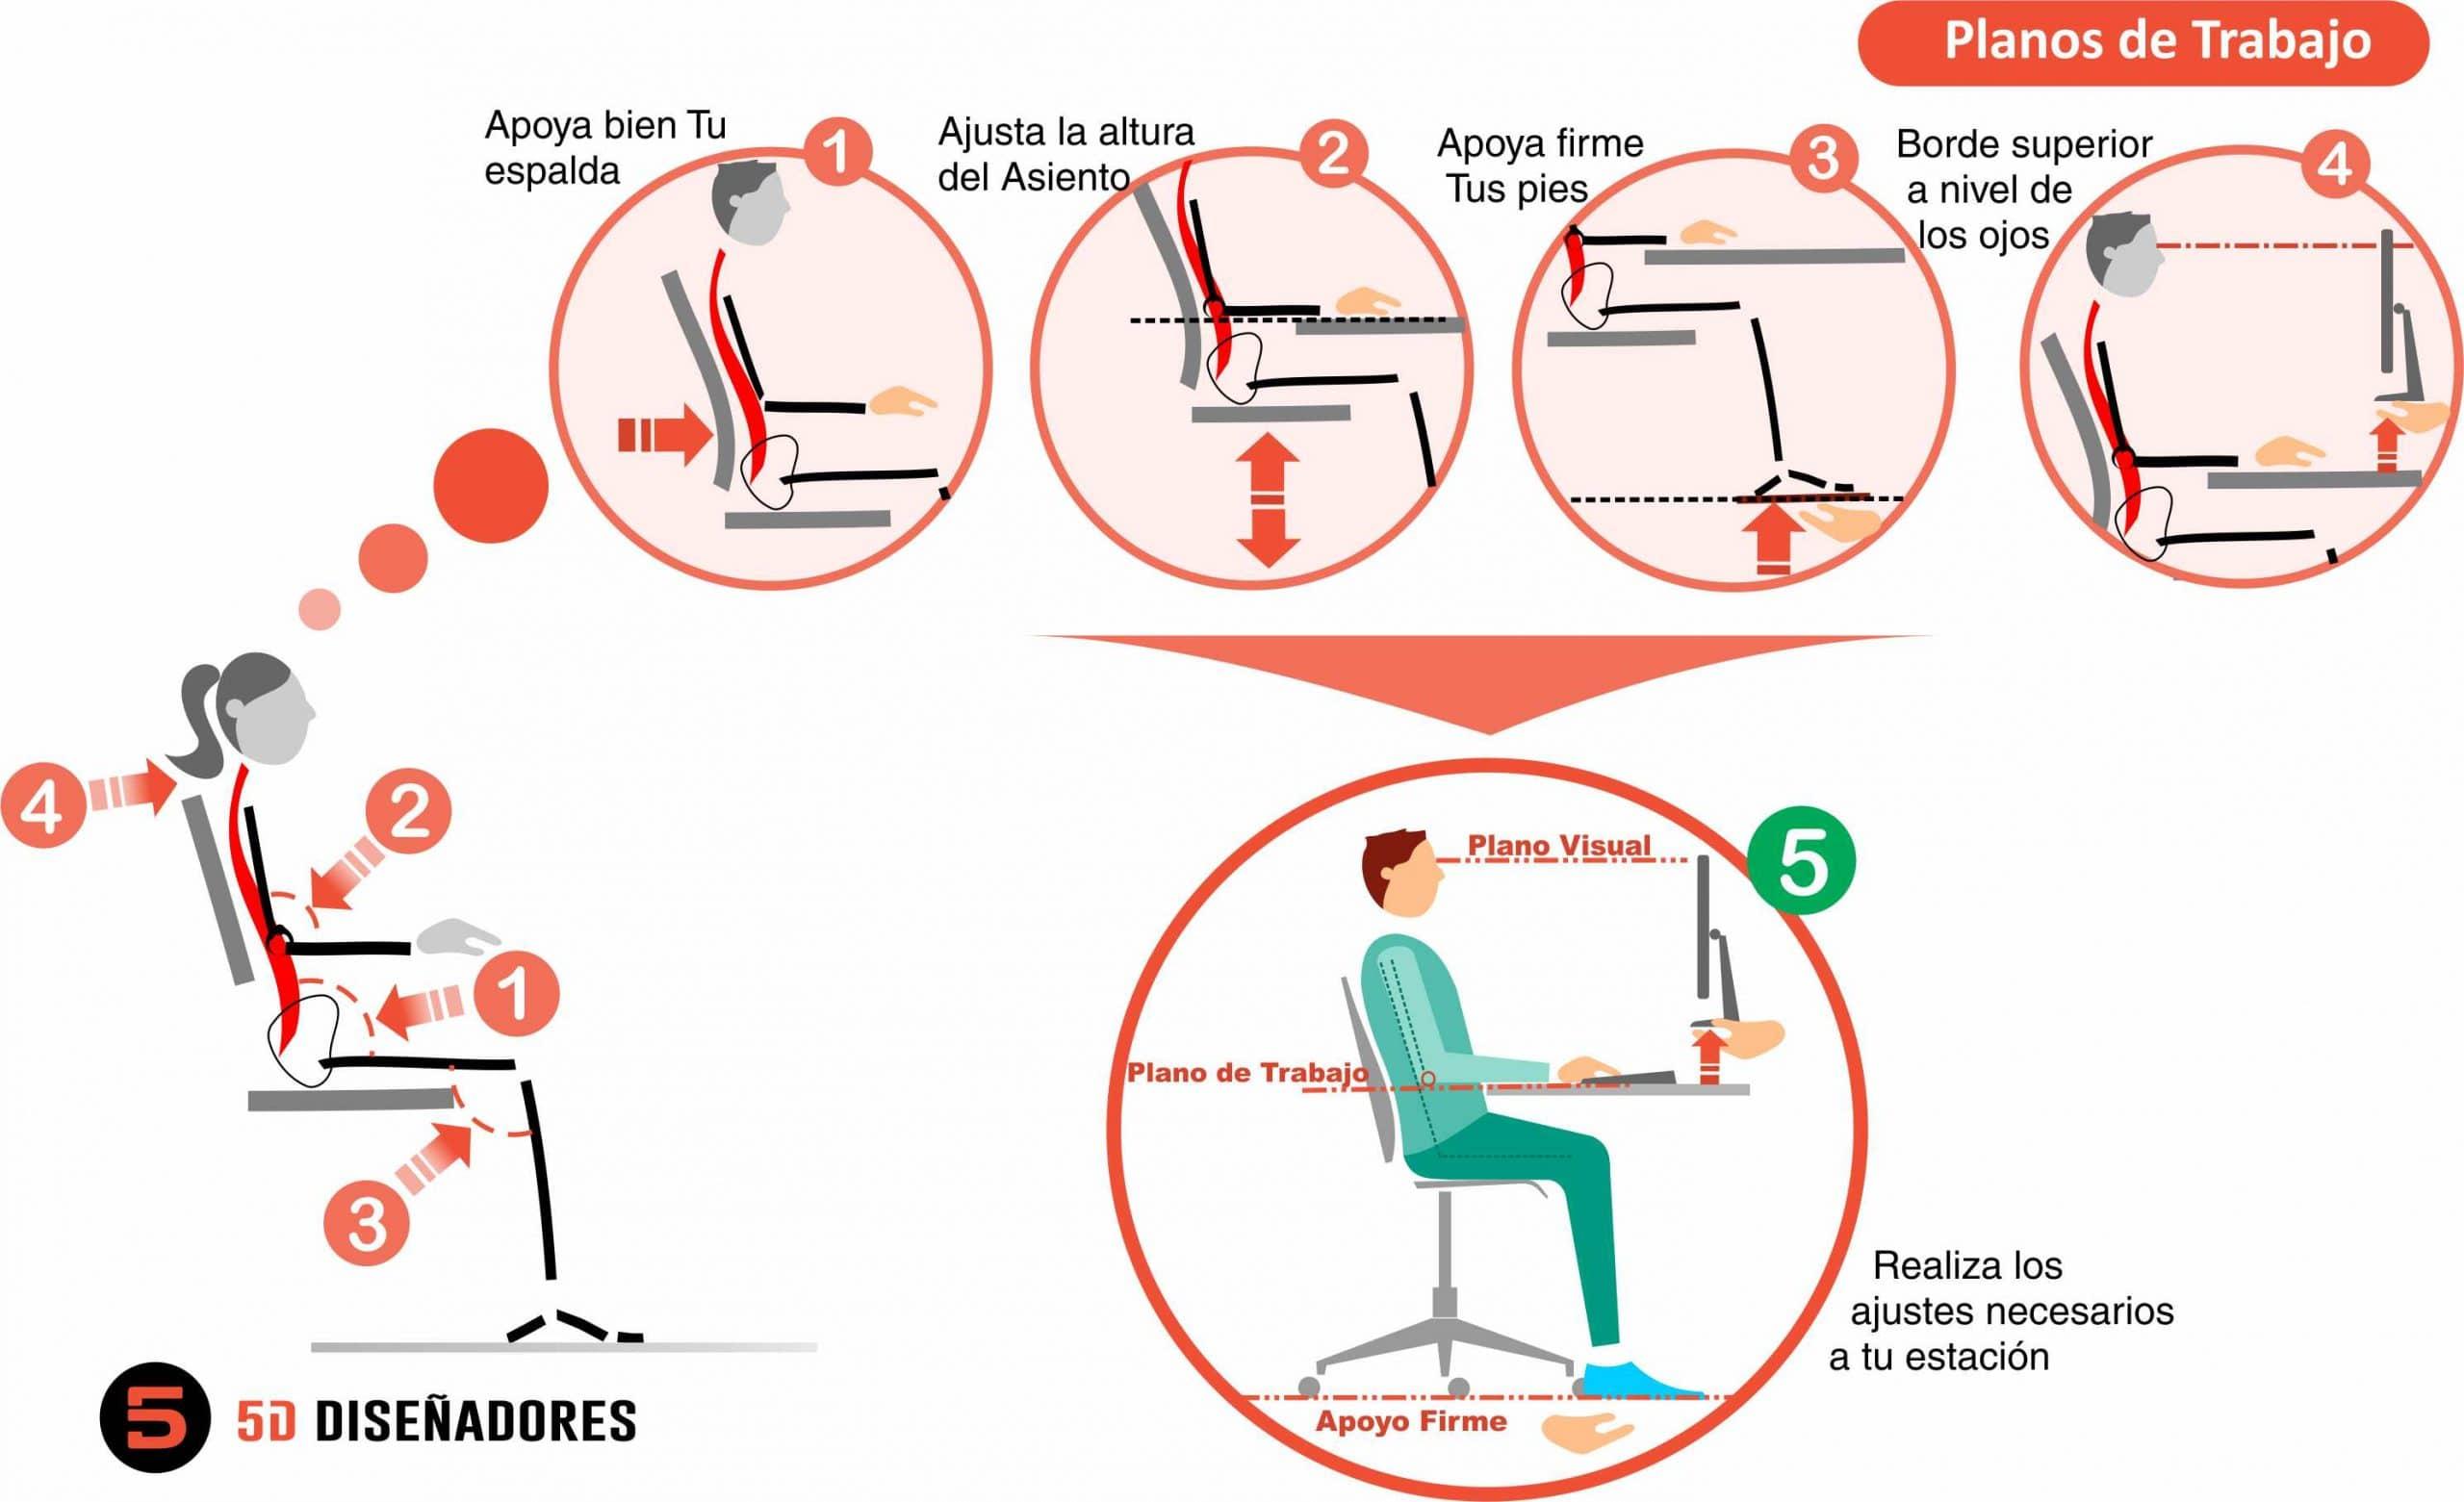 ergonomía y Planos de Trabajo